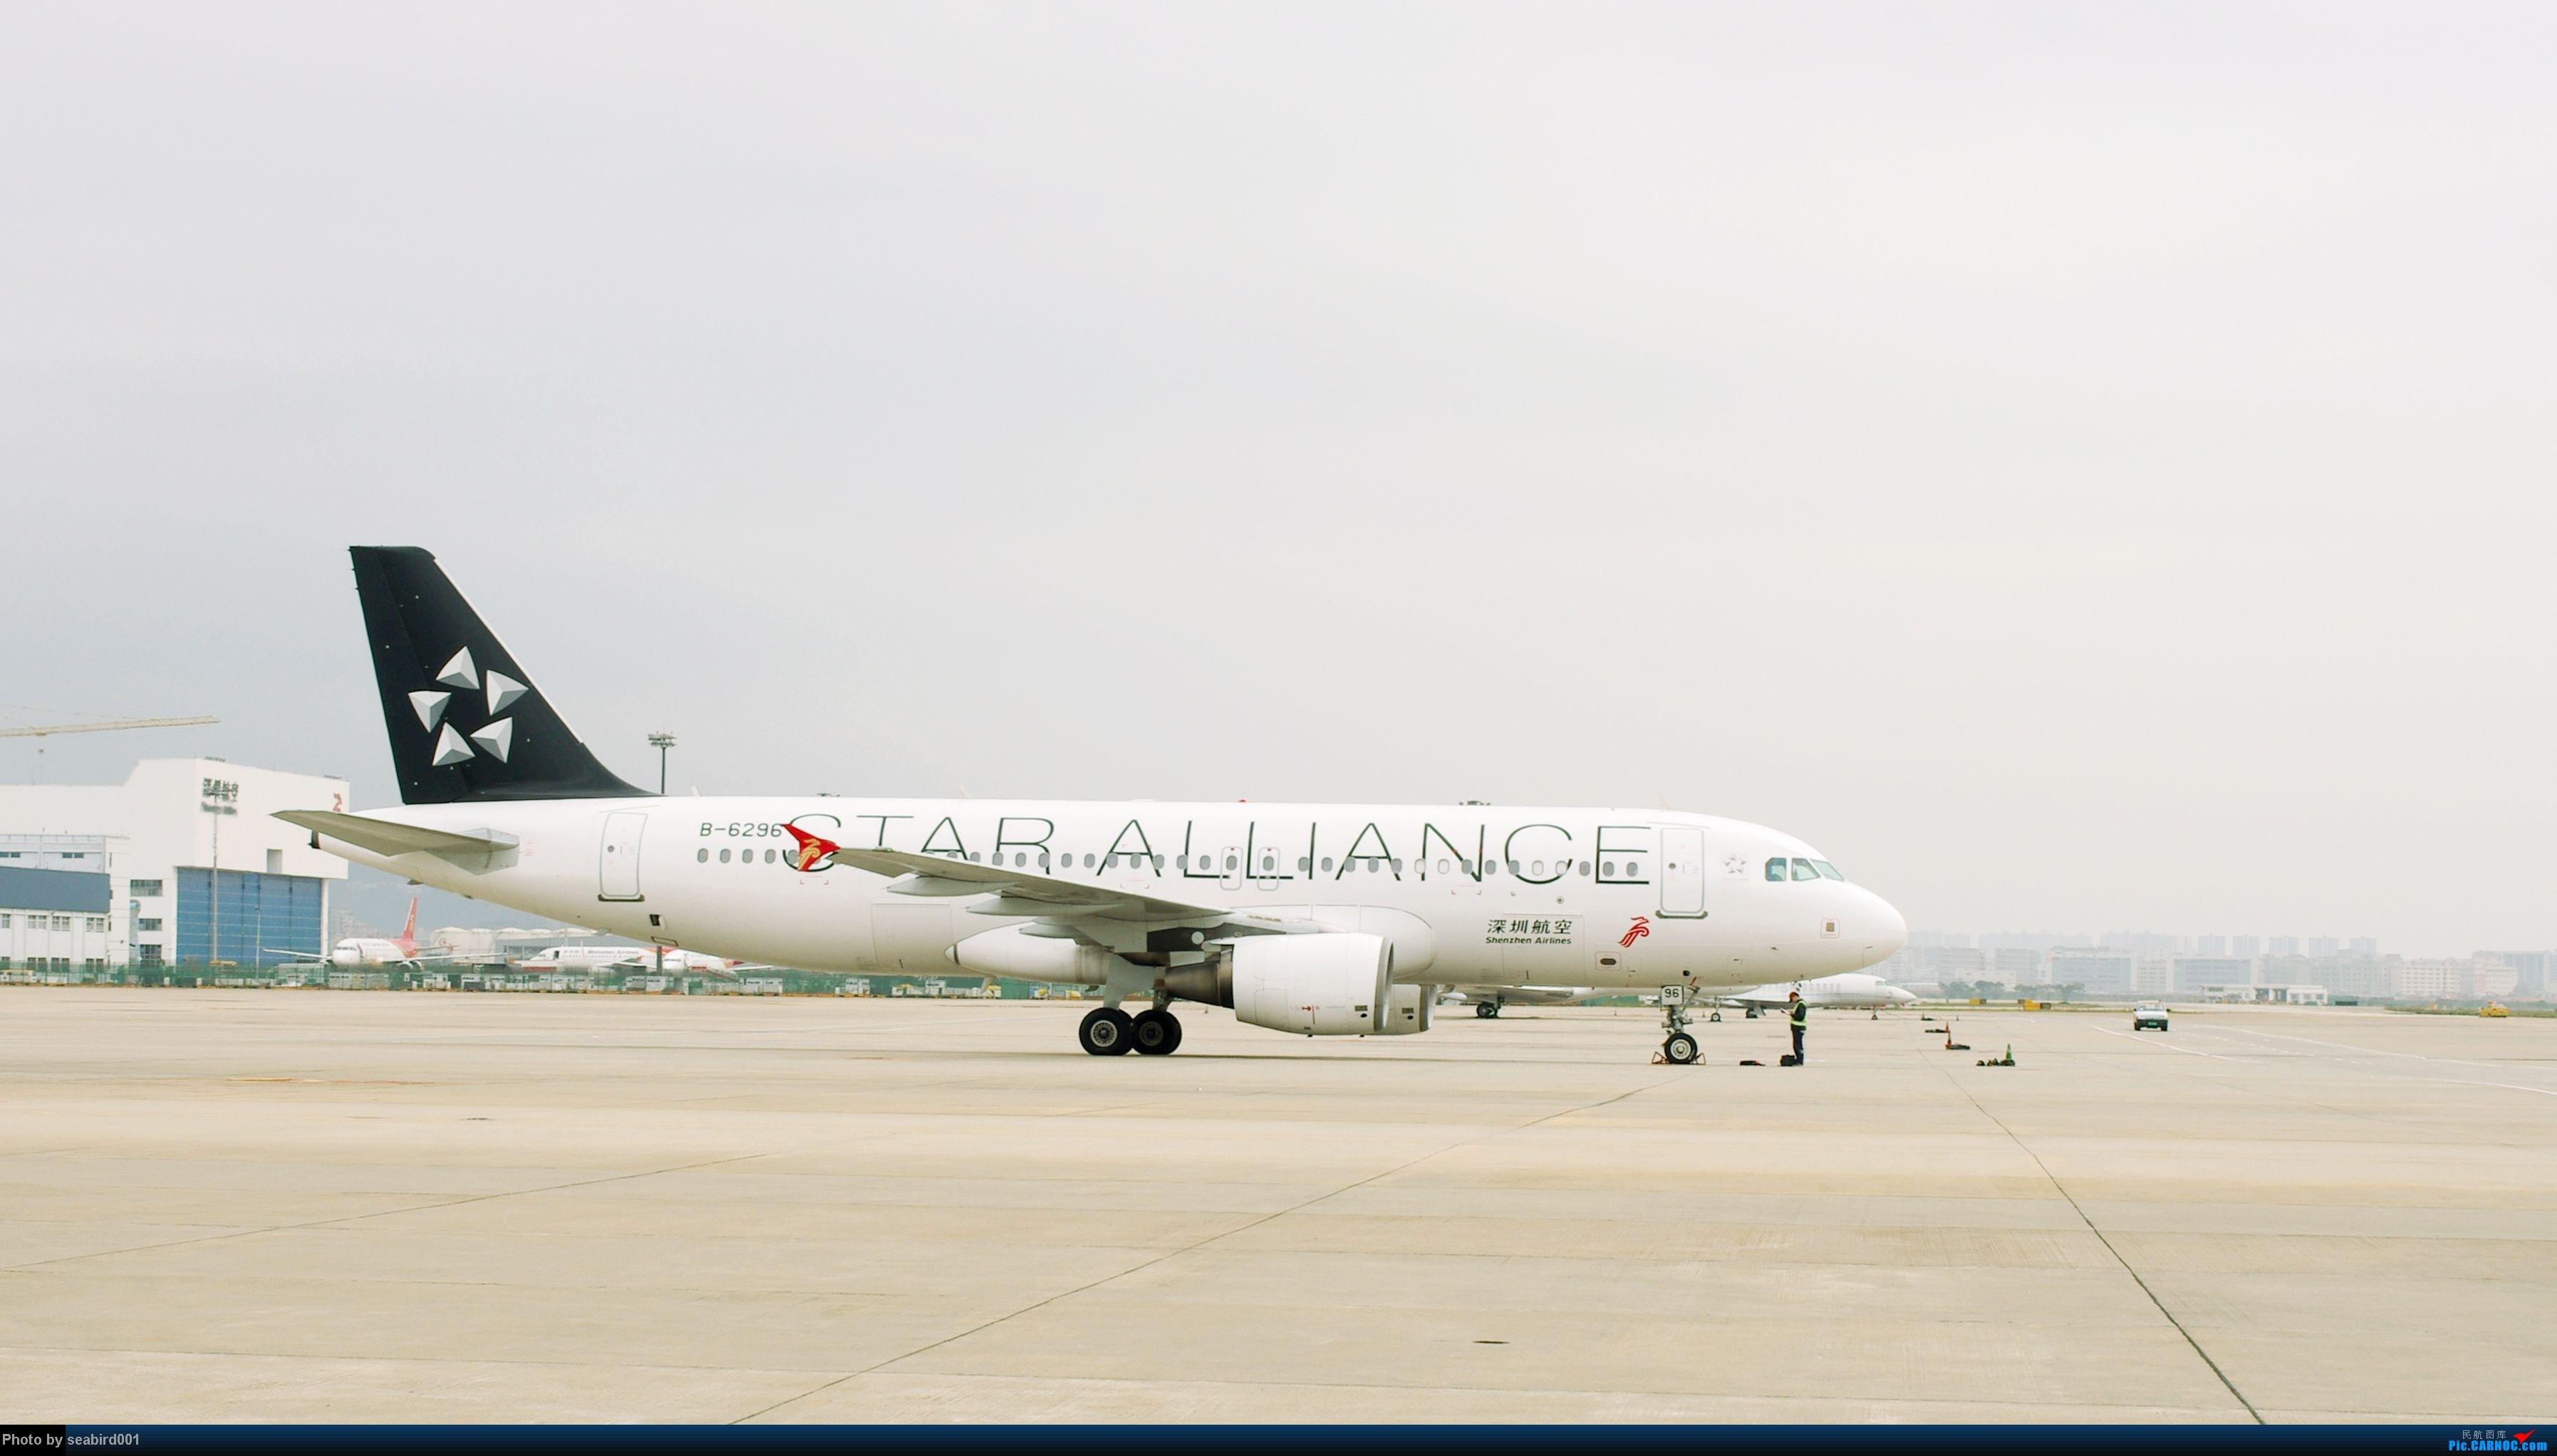 Re:[原创](深圳飞友会)12月29日飞成都前抓到的,有正合时宜的熊猫机,深圳星星,云南孔雀。 AIRBUS A320-200 B-6296 中国深圳宝安机场